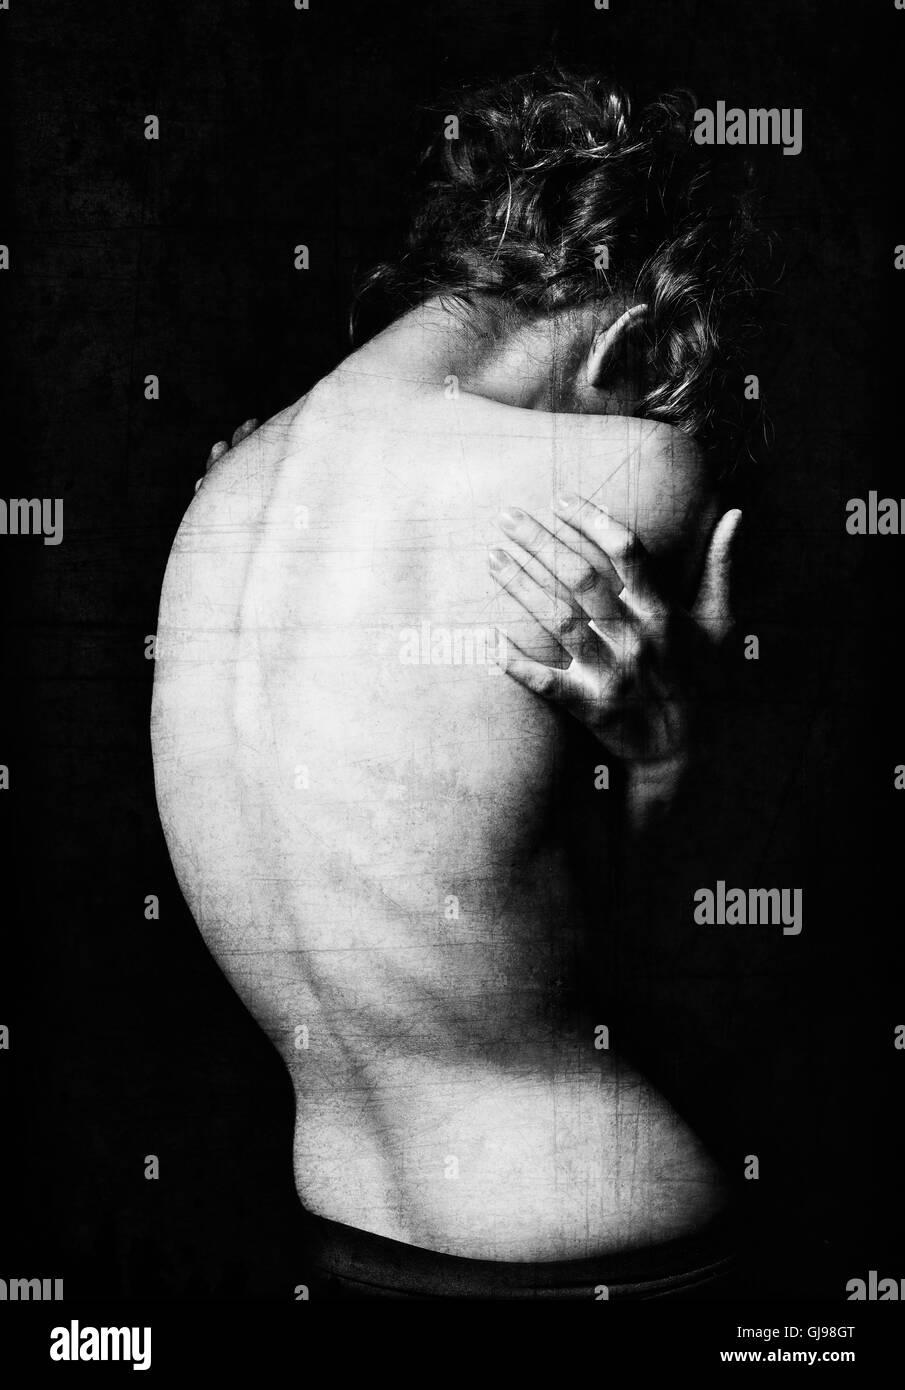 Gruselige Porträt einer jungen Frau unter der Dunkelheit. Grunge-Textur-Effekt. Schwarz und weiß, Rückansicht Stockbild